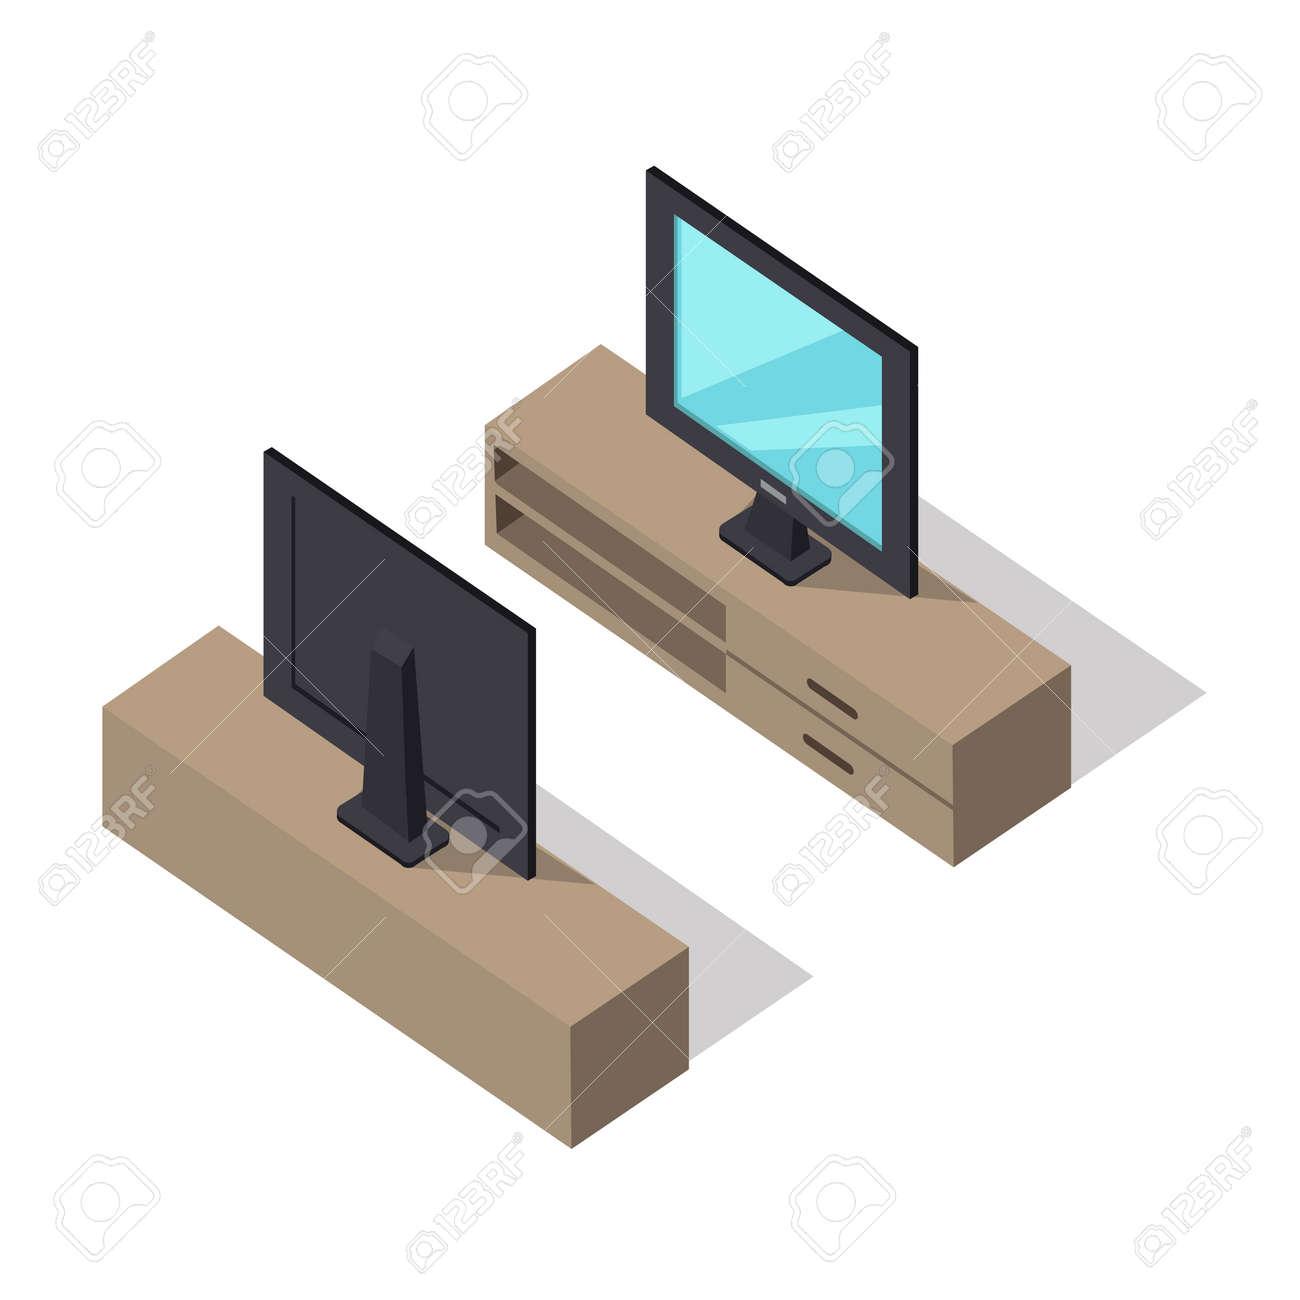 Televisor En El Gabinete En Dos Lados En Proyección Isométrica ...